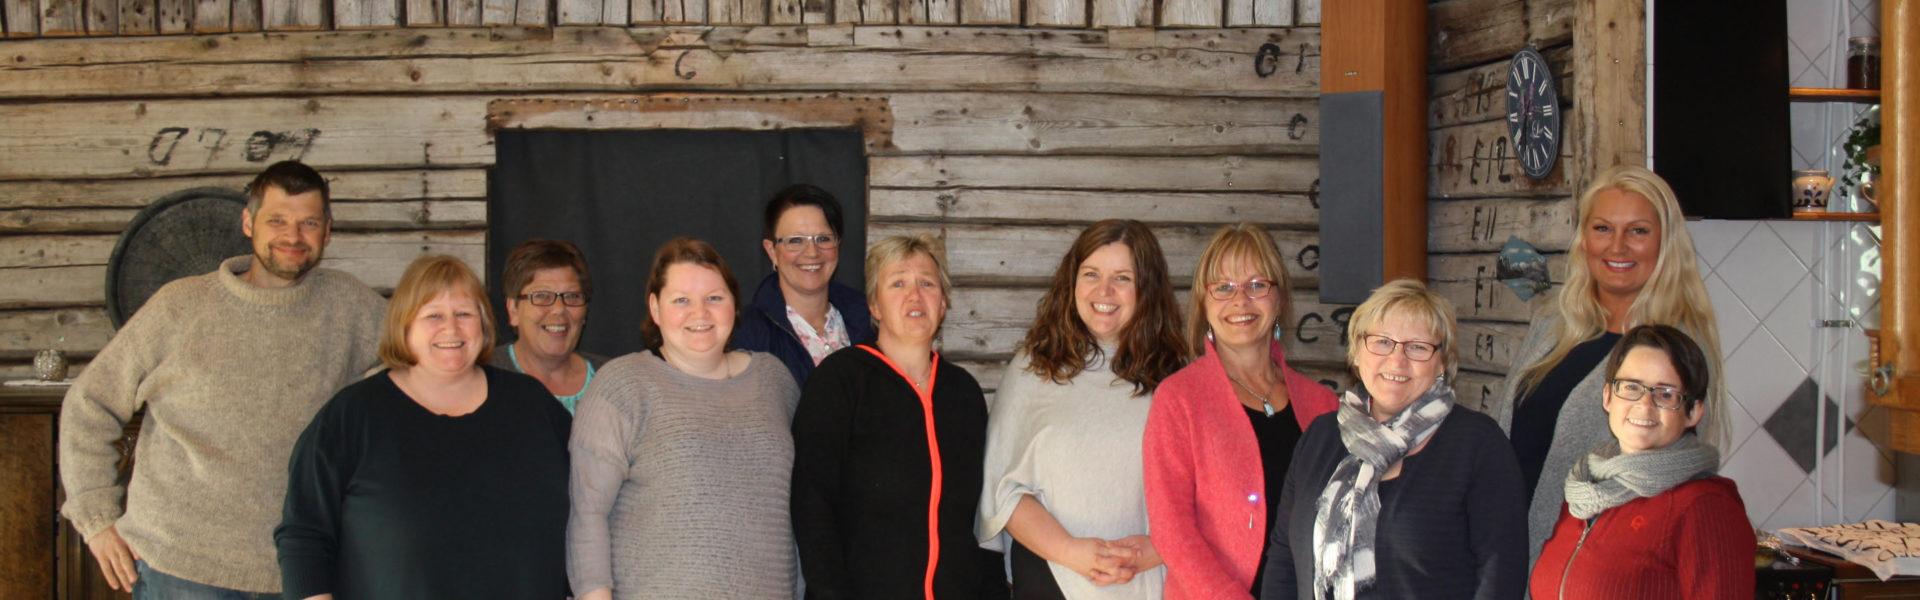 Rektorer og ledere fra Montessoriskoler og –barnehager i Nord-Norge var den 23. og 24. mai samlet i Harstad, hvor nettverket Montessori Nord-Norge ble stiftet.